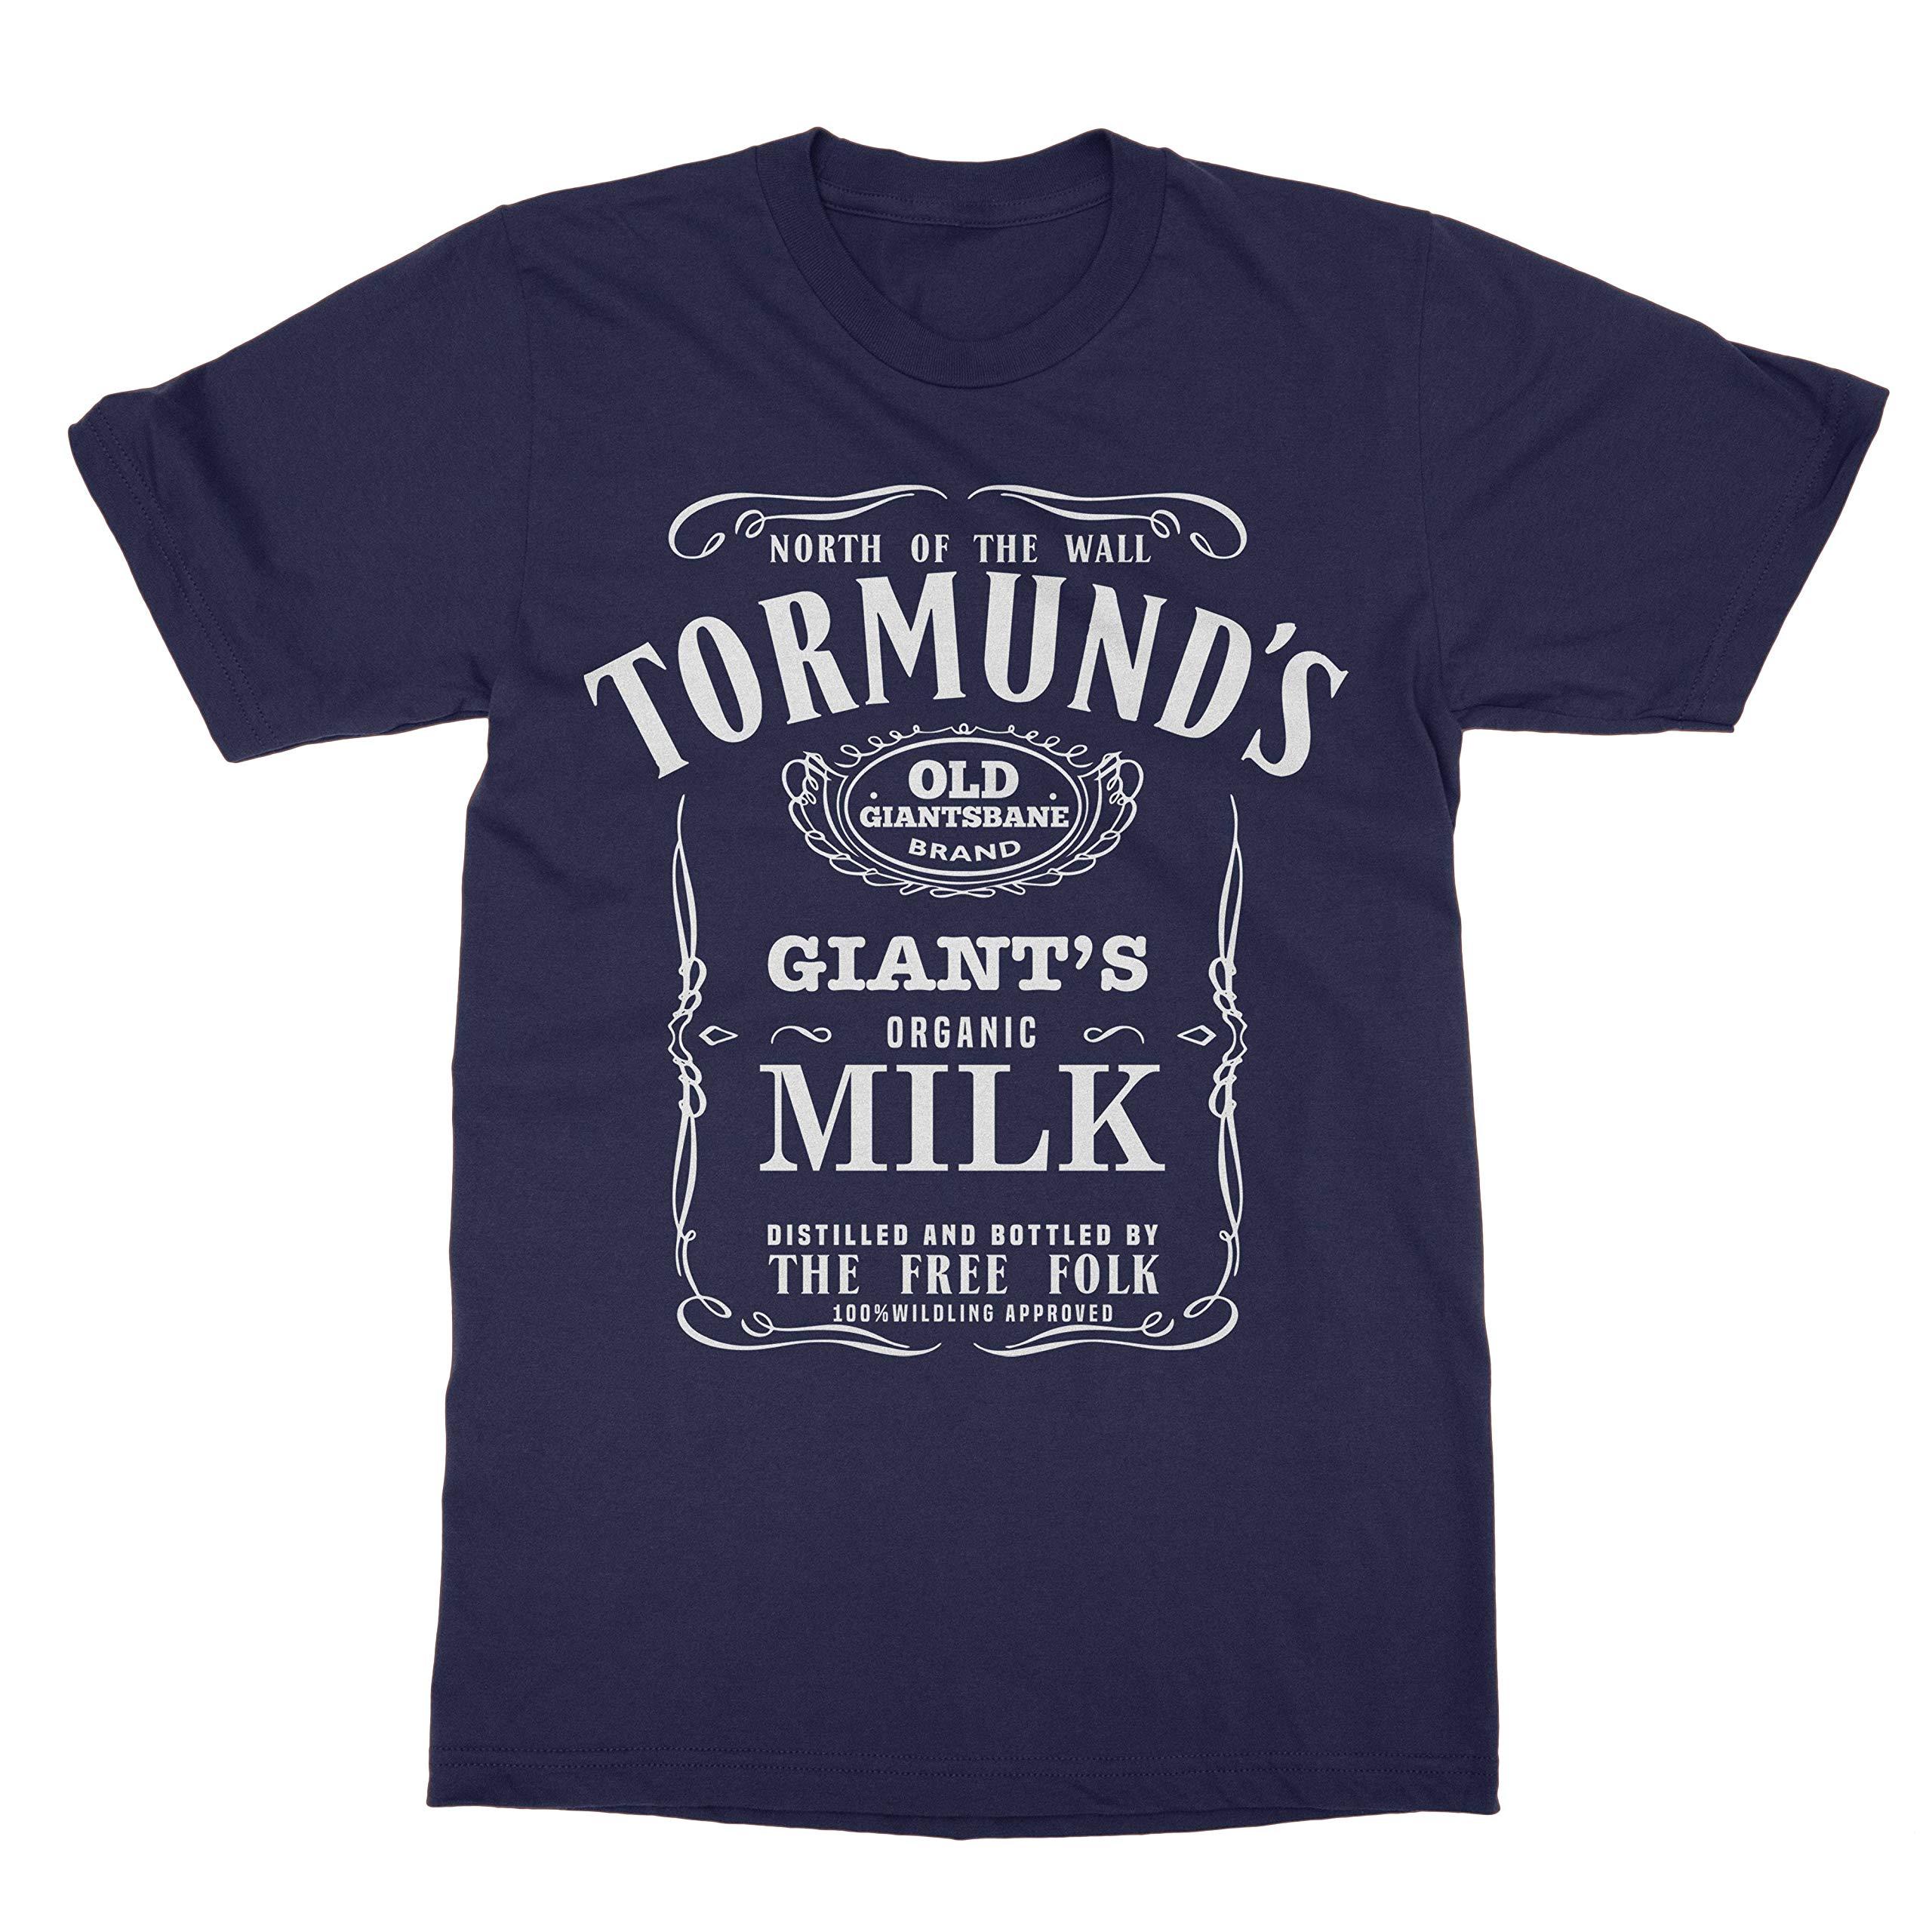 Meto Tormunds Old Giantsbane Brand Giants Milk Game Shirts Thrones Tshirt